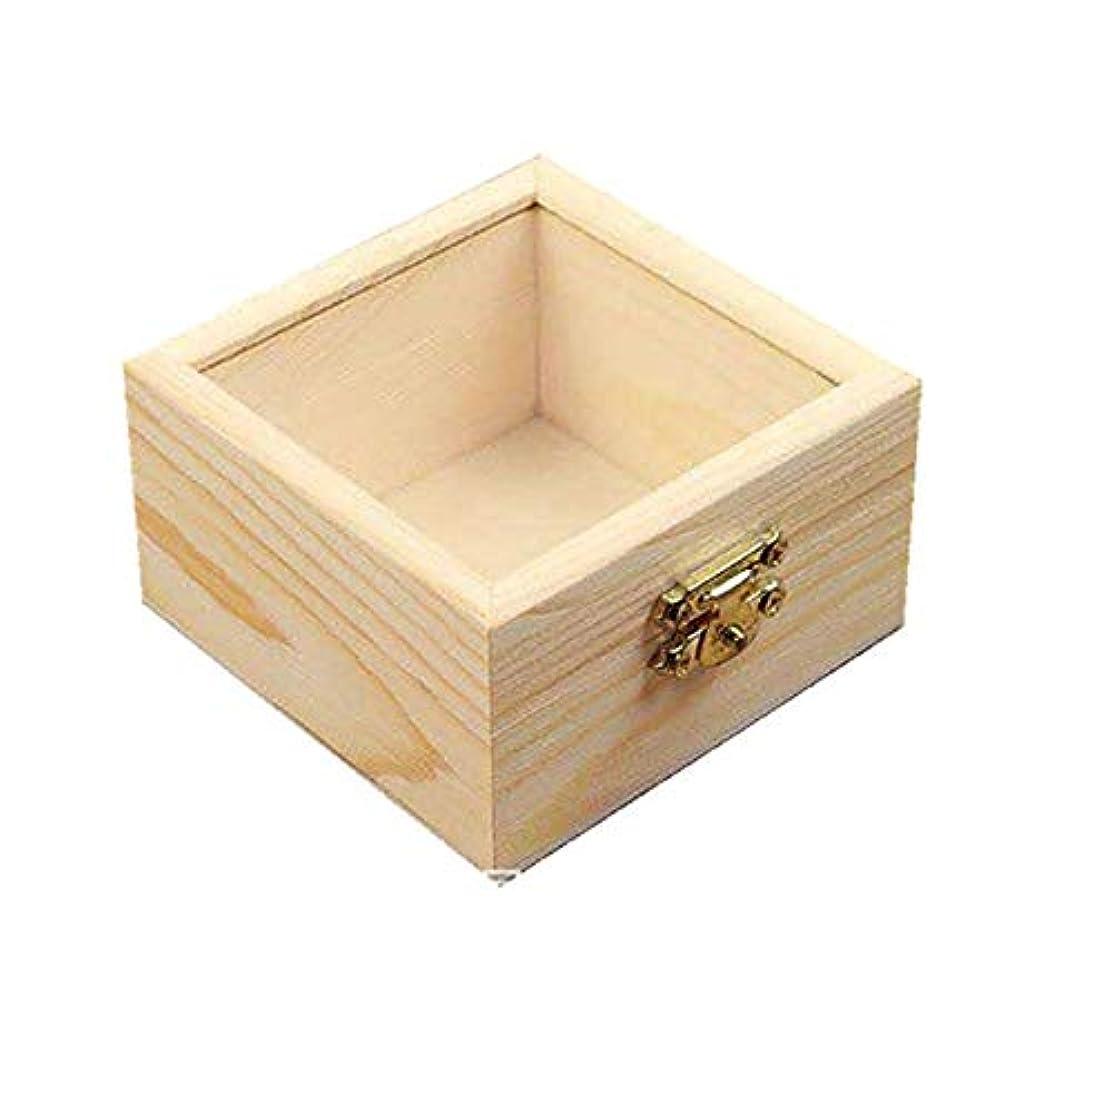 ベッツィトロットウッド汚物メルボルンエッセンシャルオイルの保管 プレゼンテーション用木製エッセンシャルオイルボックスパーフェクトエッセンシャルオイルケース (色 : Natural, サイズ : 8.5X8.5X5CM)